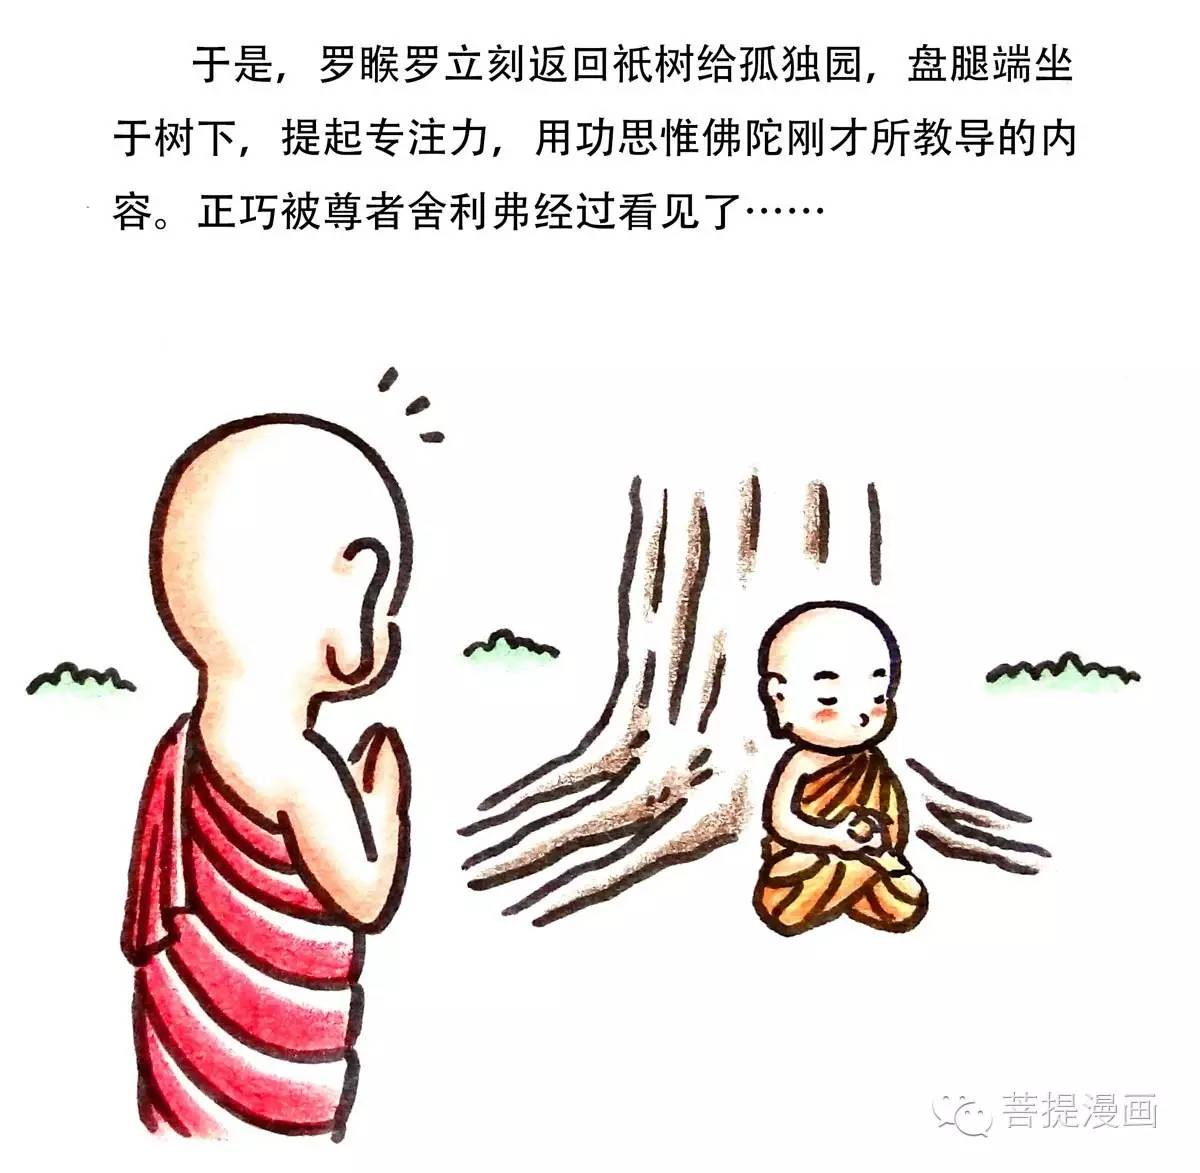 【六一快乐】佛陀教导罗睺罗/菩提漫画图片